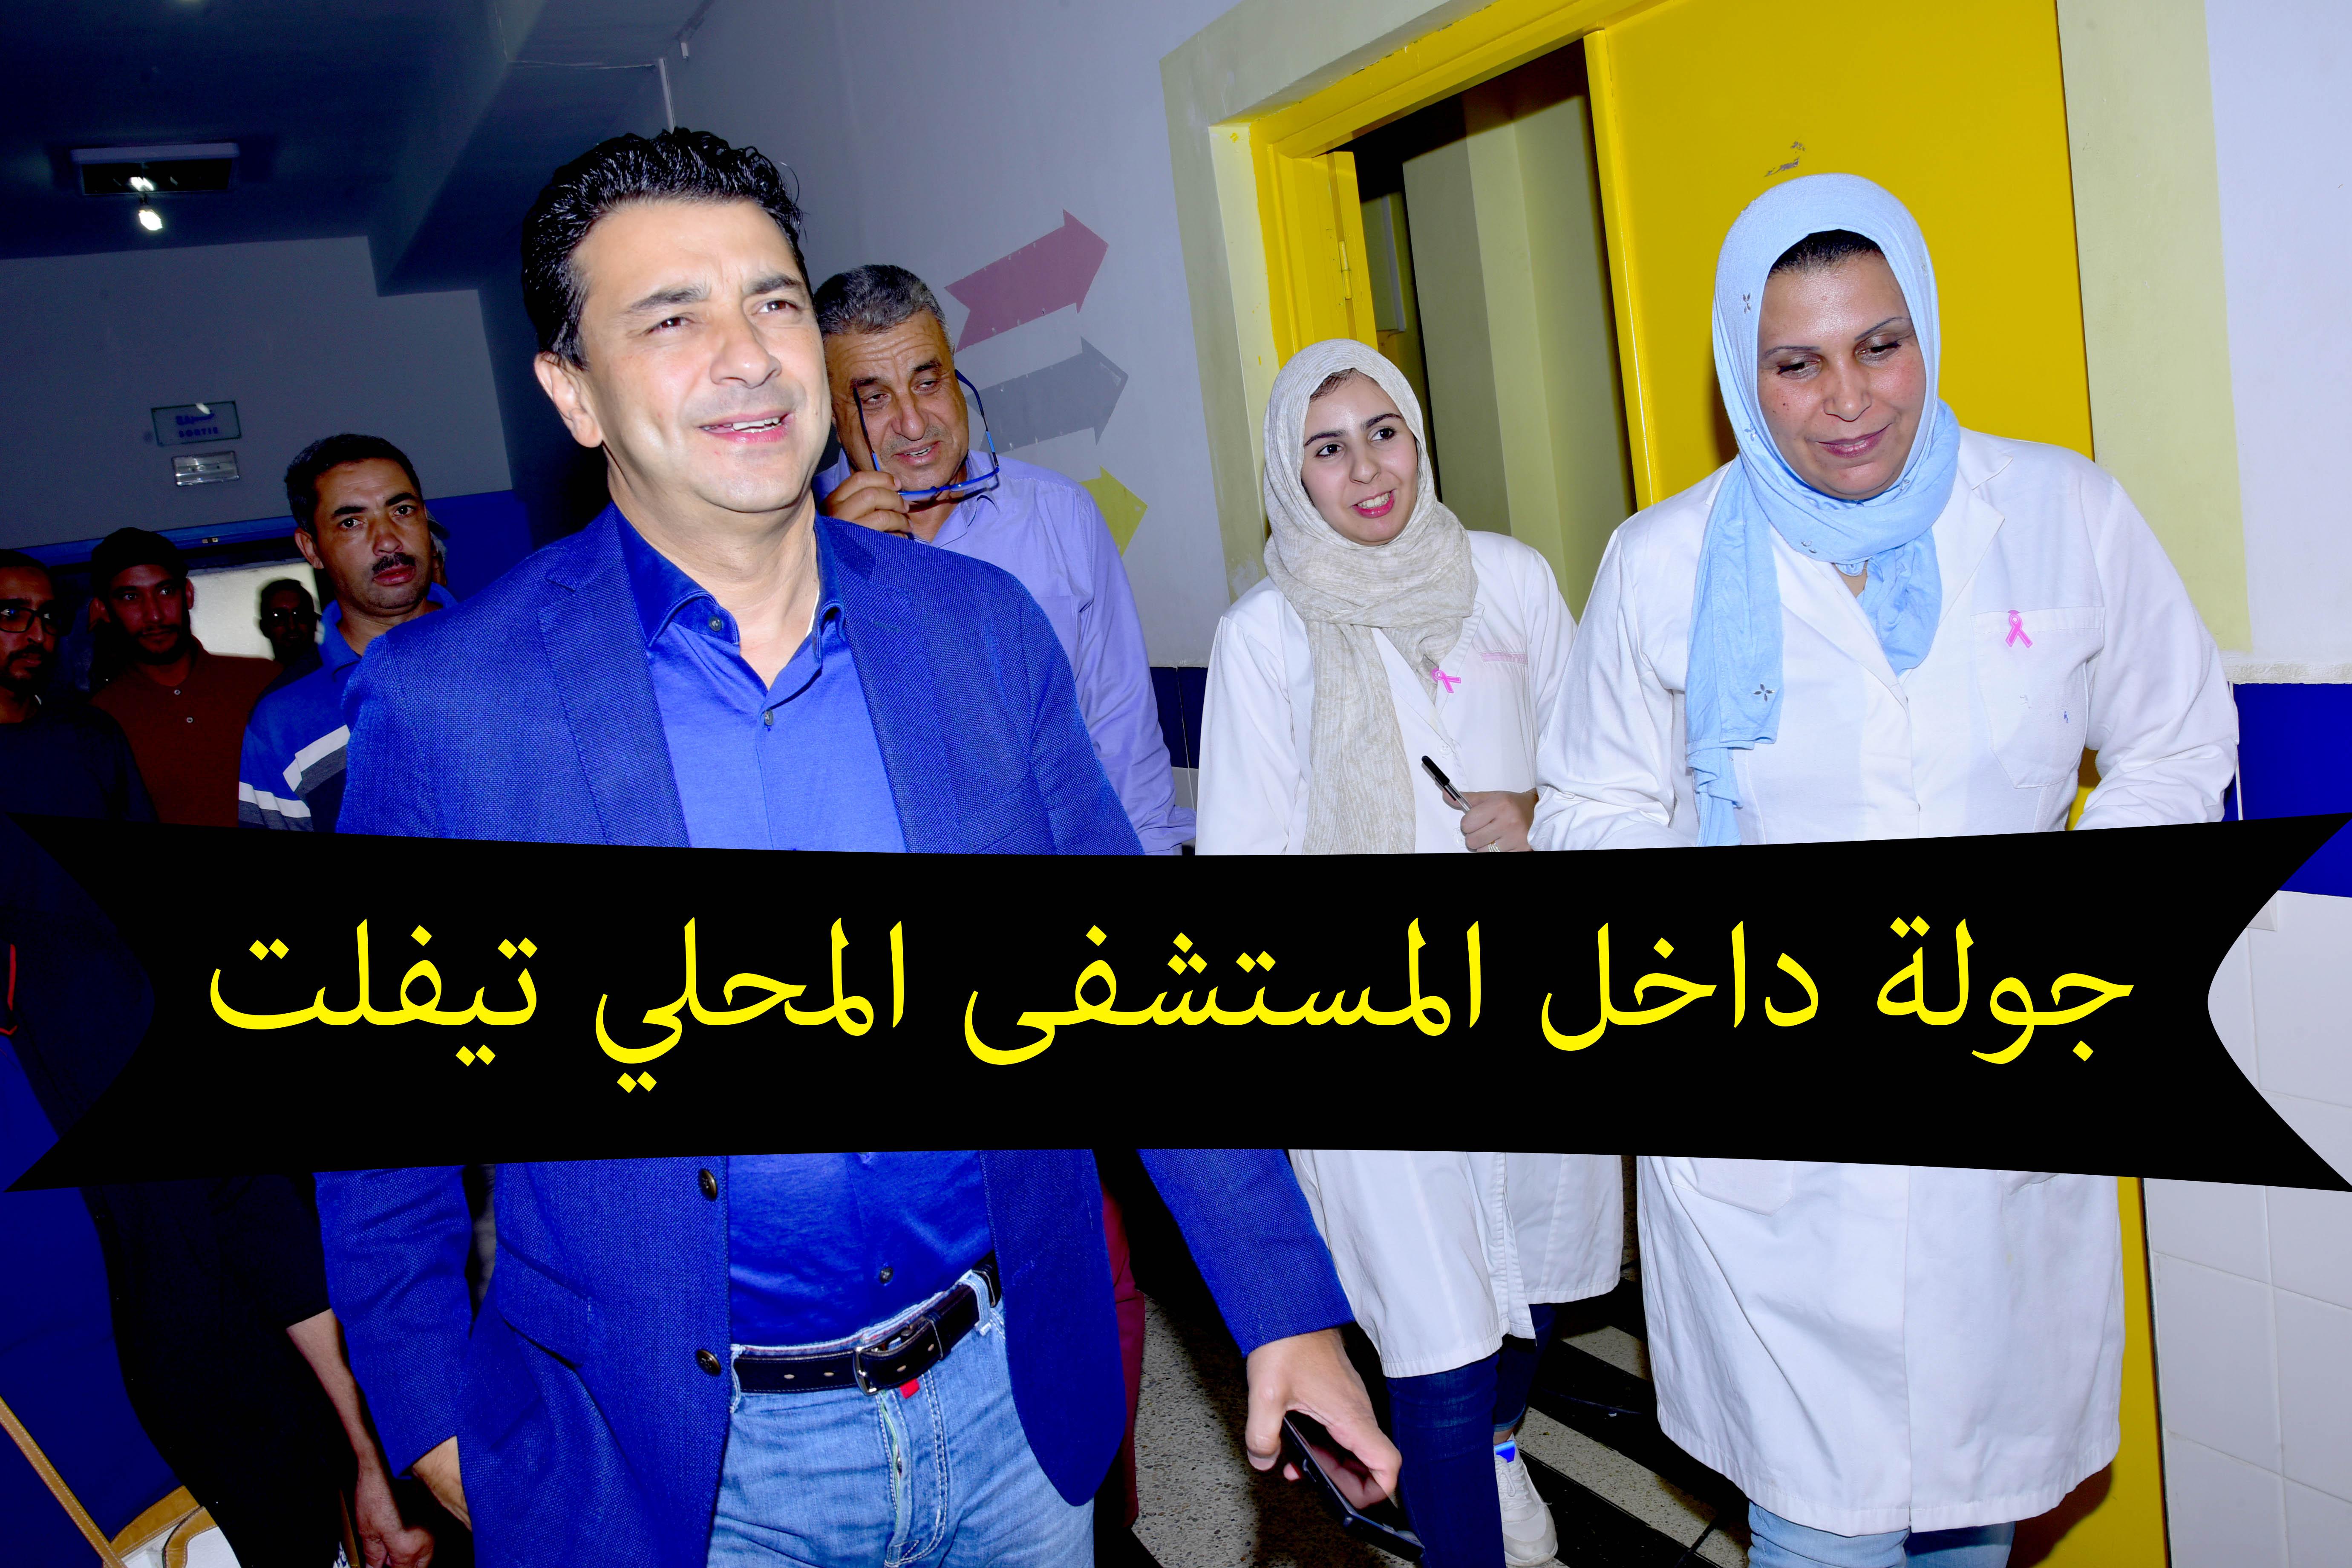 جولة مع عبد الصمد عرشان داخل المستشفى المحلي بتيفلت